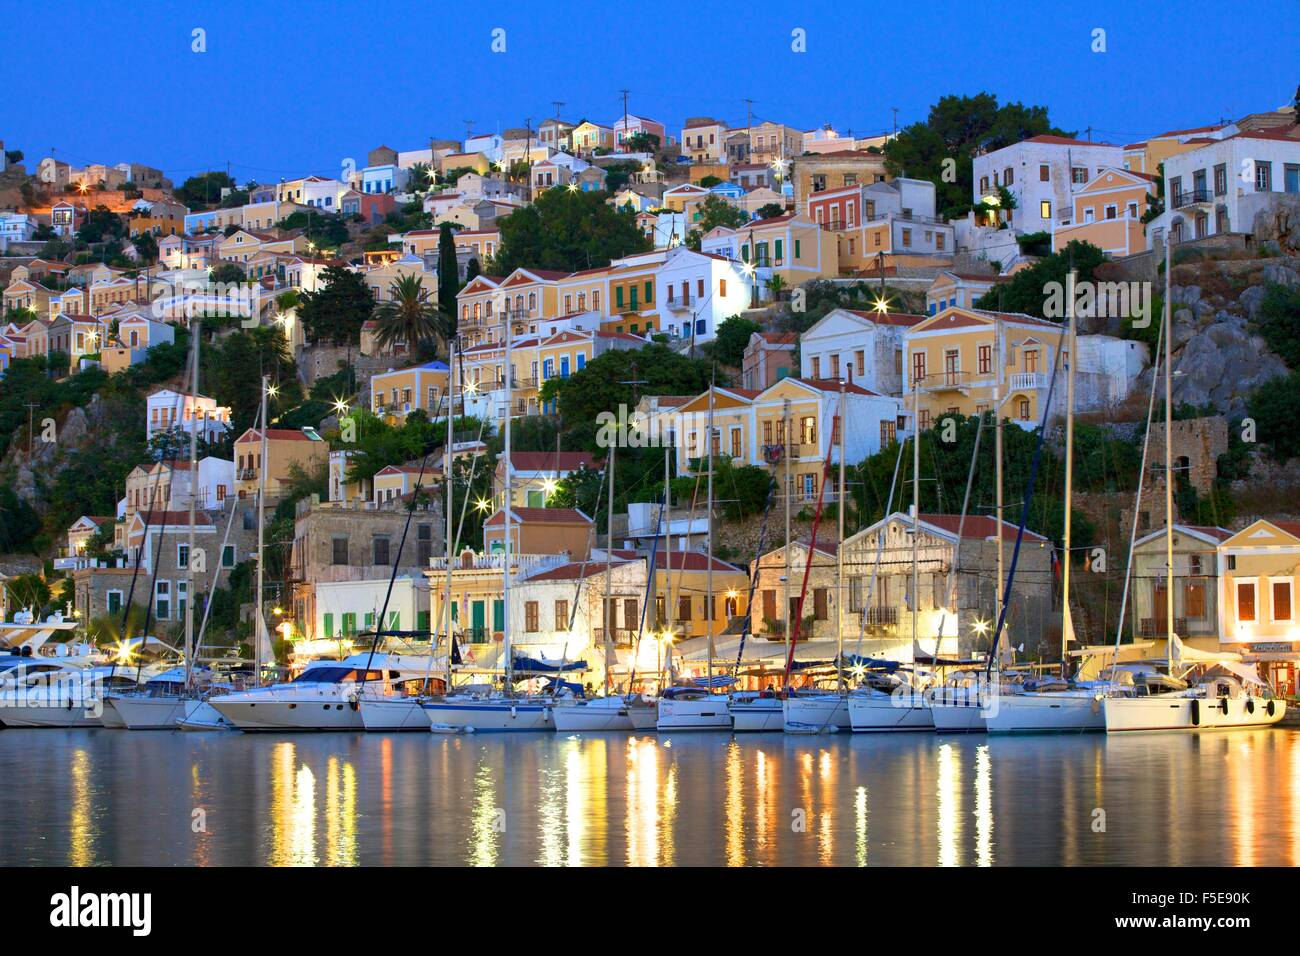 Symi Harbour, Symi, Dodecaneso, isole greche, Grecia, Europa Immagini Stock